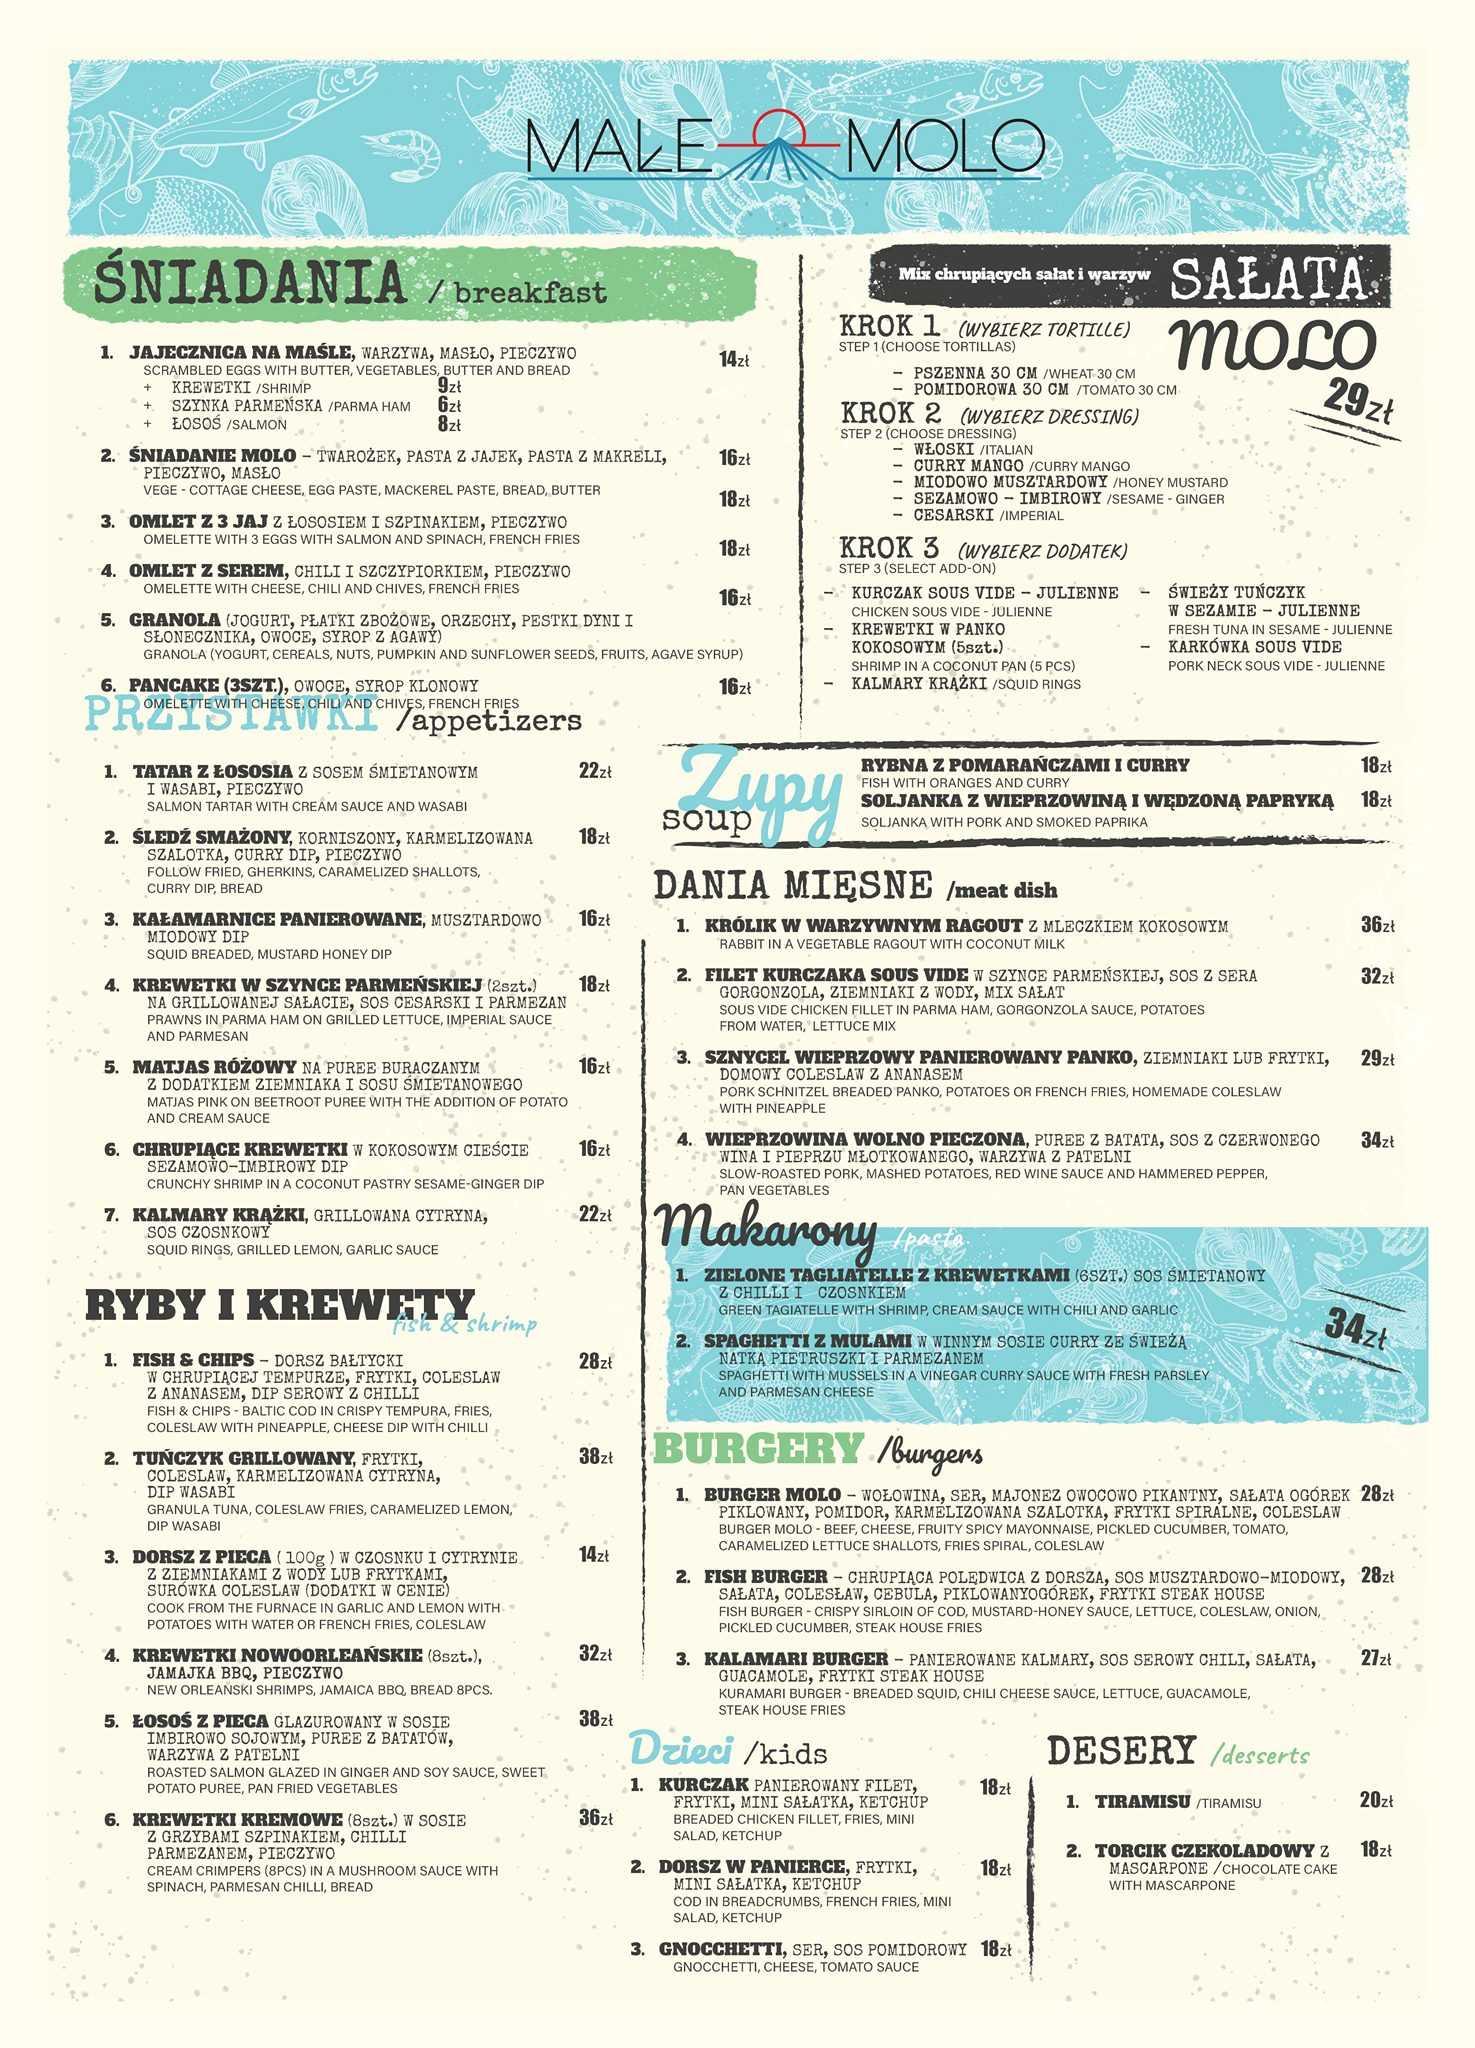 male molo menu